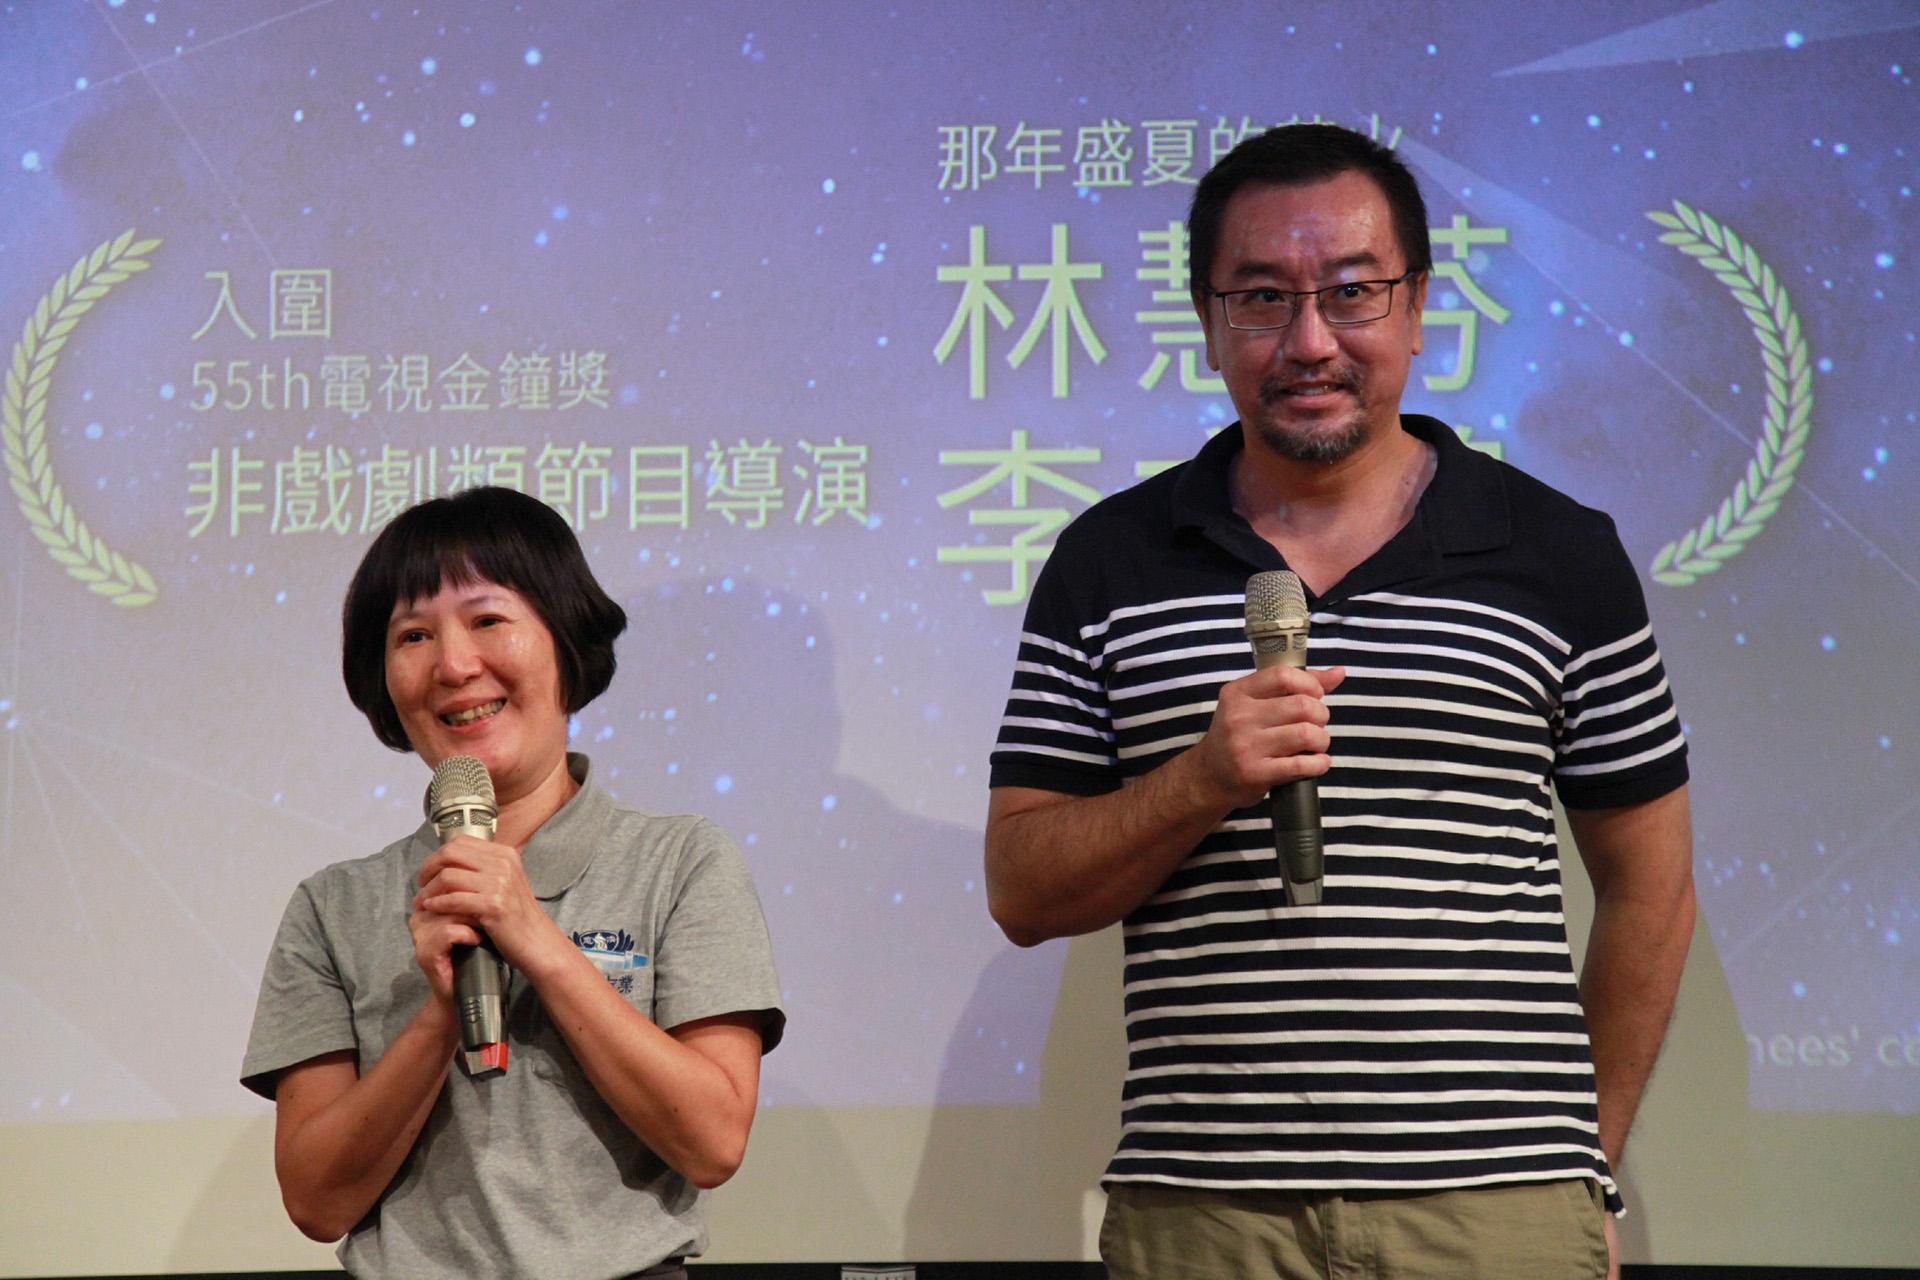 非戲劇節目導演獎林慧芬與李文鴻